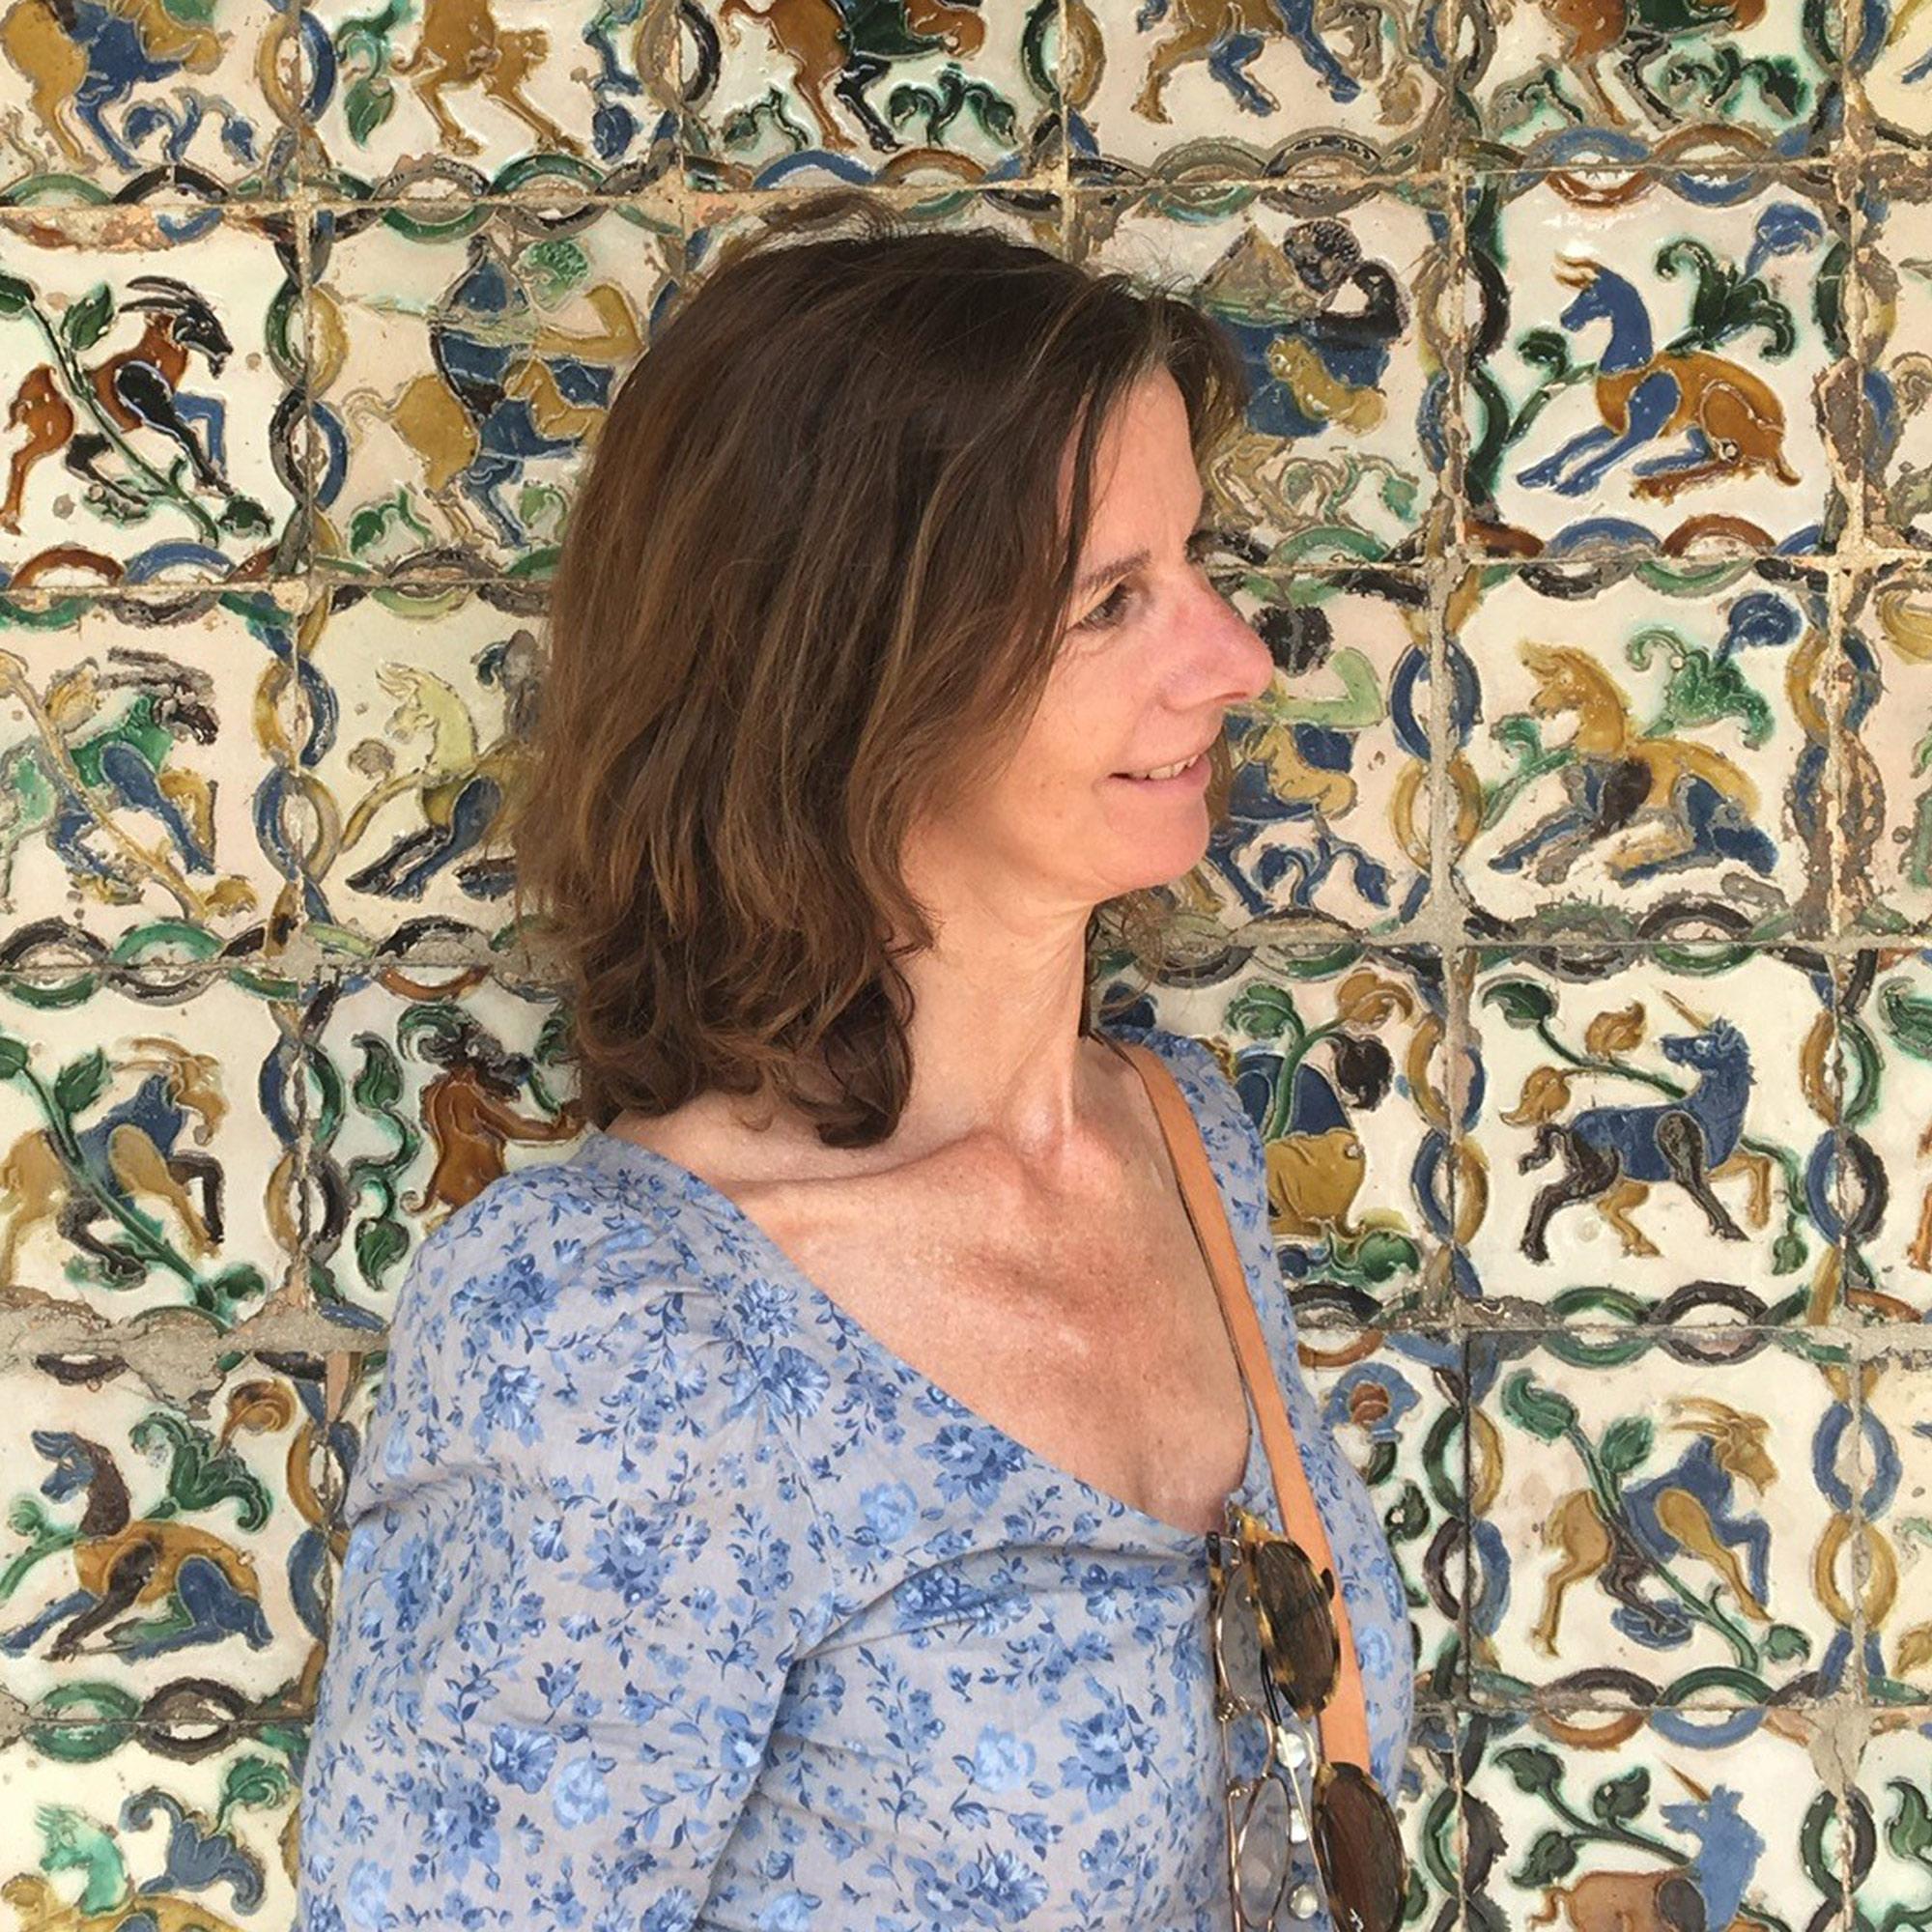 Anne-gueudré